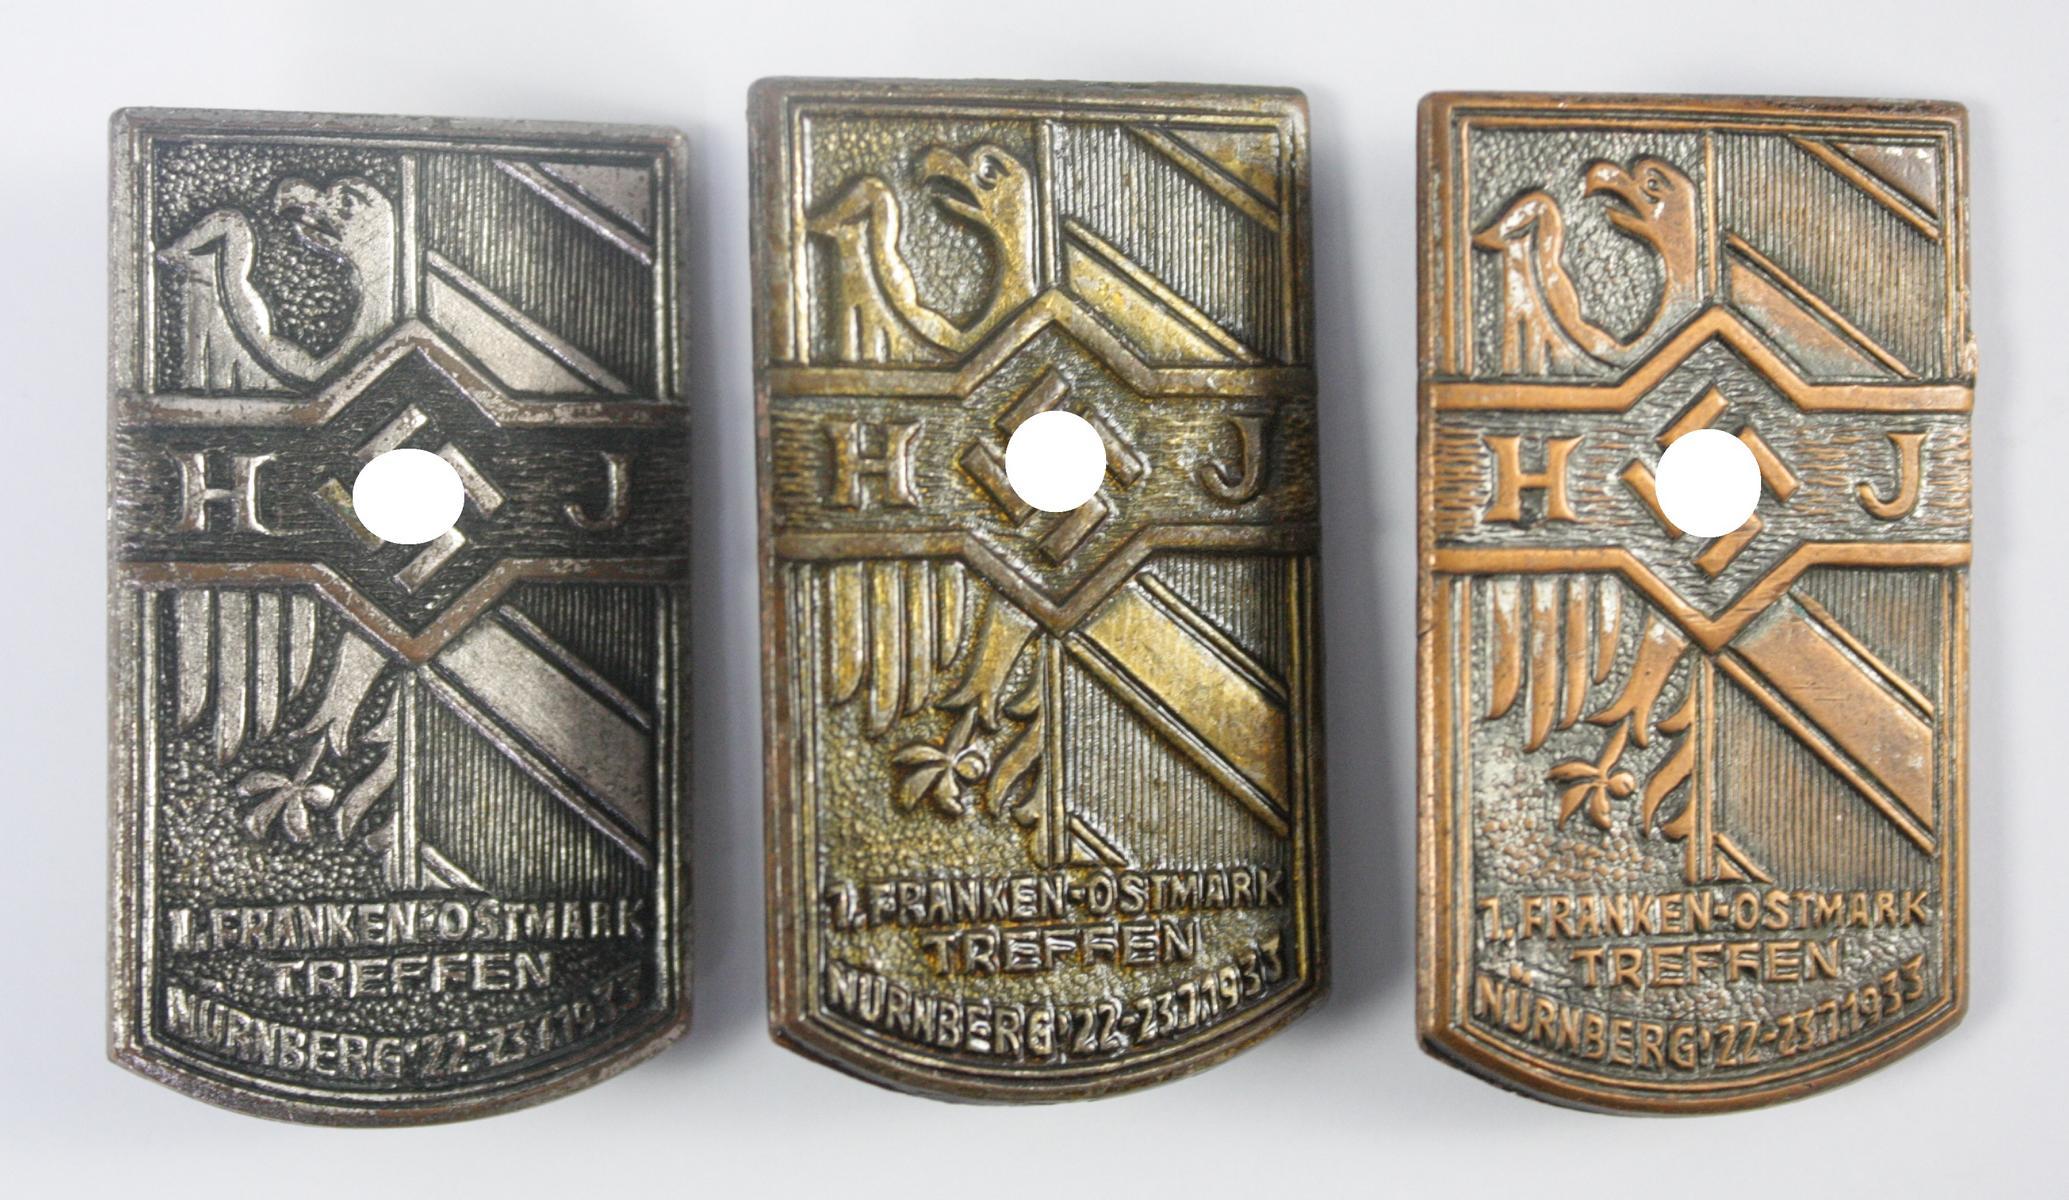 3x Treffenabzeichen: 1. Franken-Ostmark-Treffen der HJ 1933